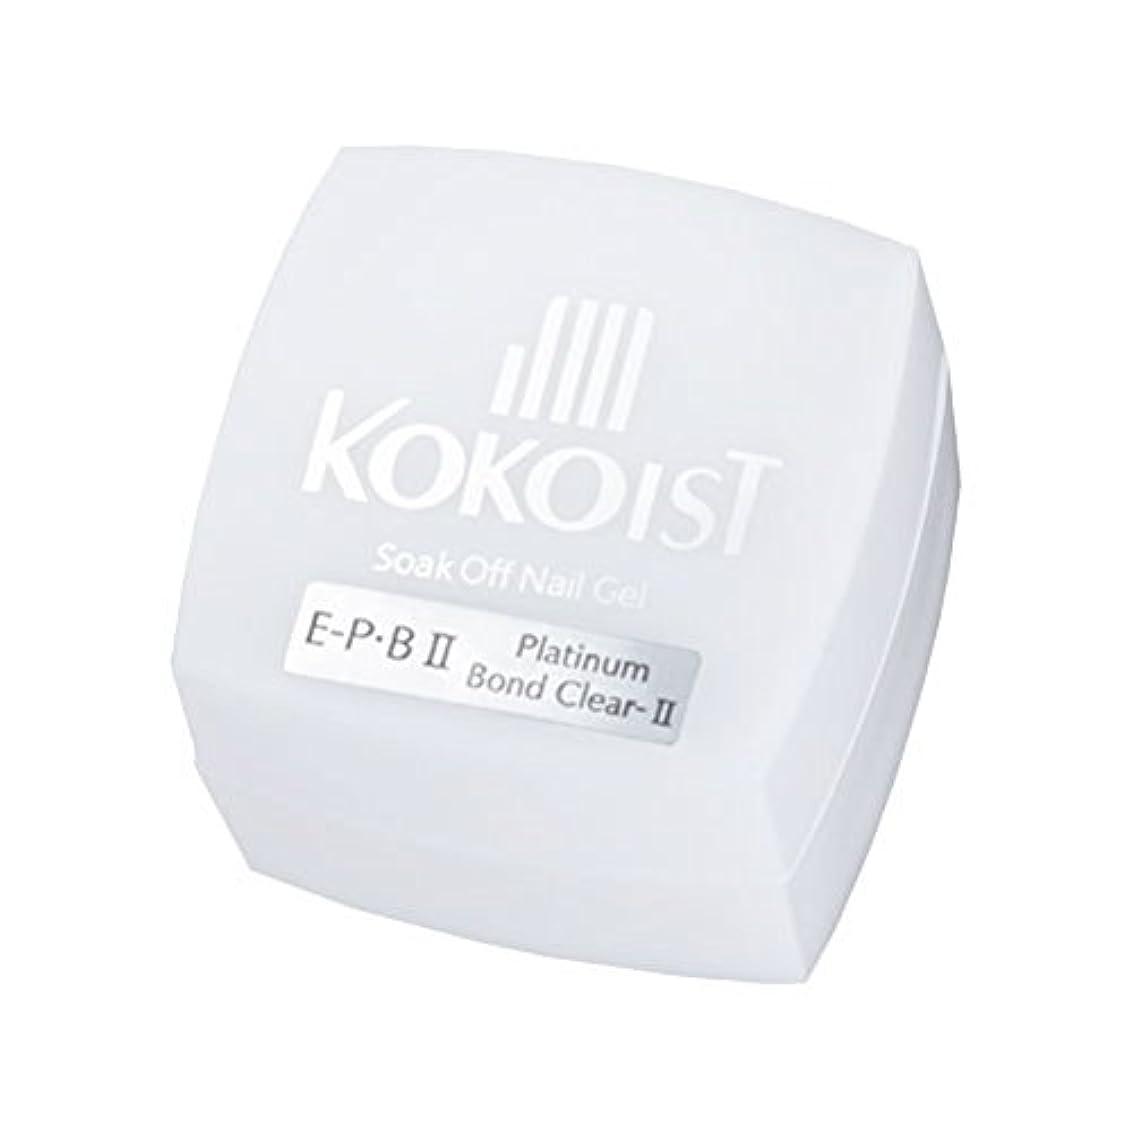 火山ダーベビルのテス補体KOKOIST フ゜ラチナホ゛ント゛II 4g ジェル UV/LED対応